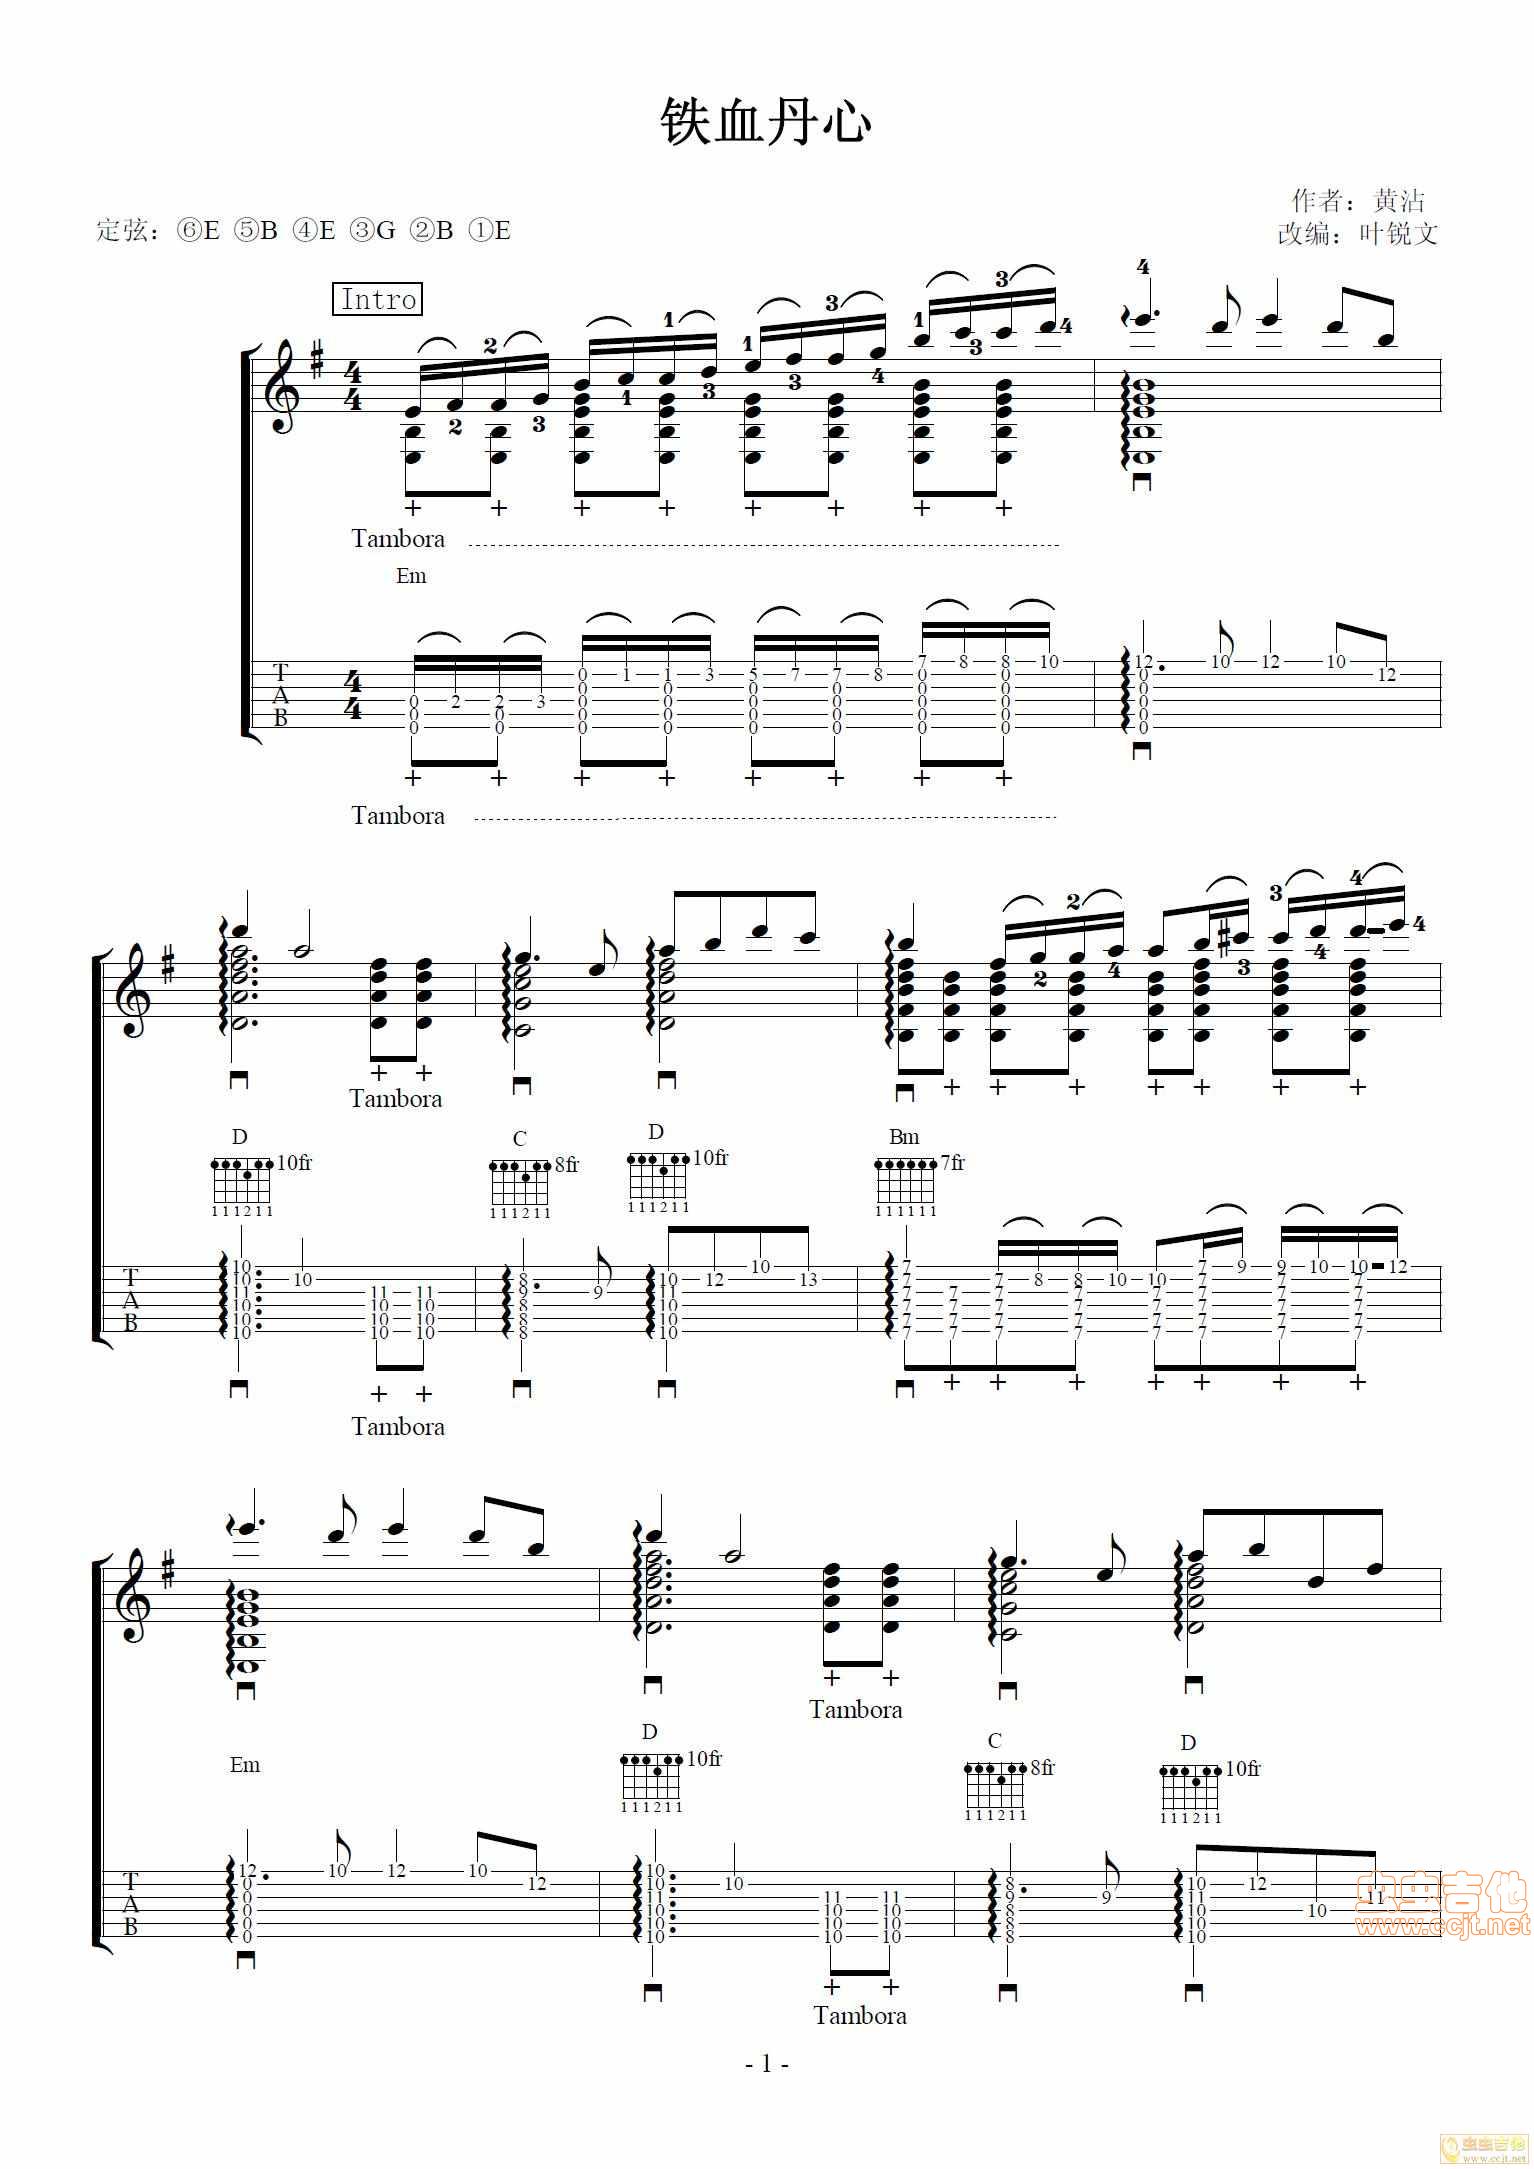 乐器演奏乐谱 吉他谱; 六线谱—罗文; 叶锐文女儿情吉他谱